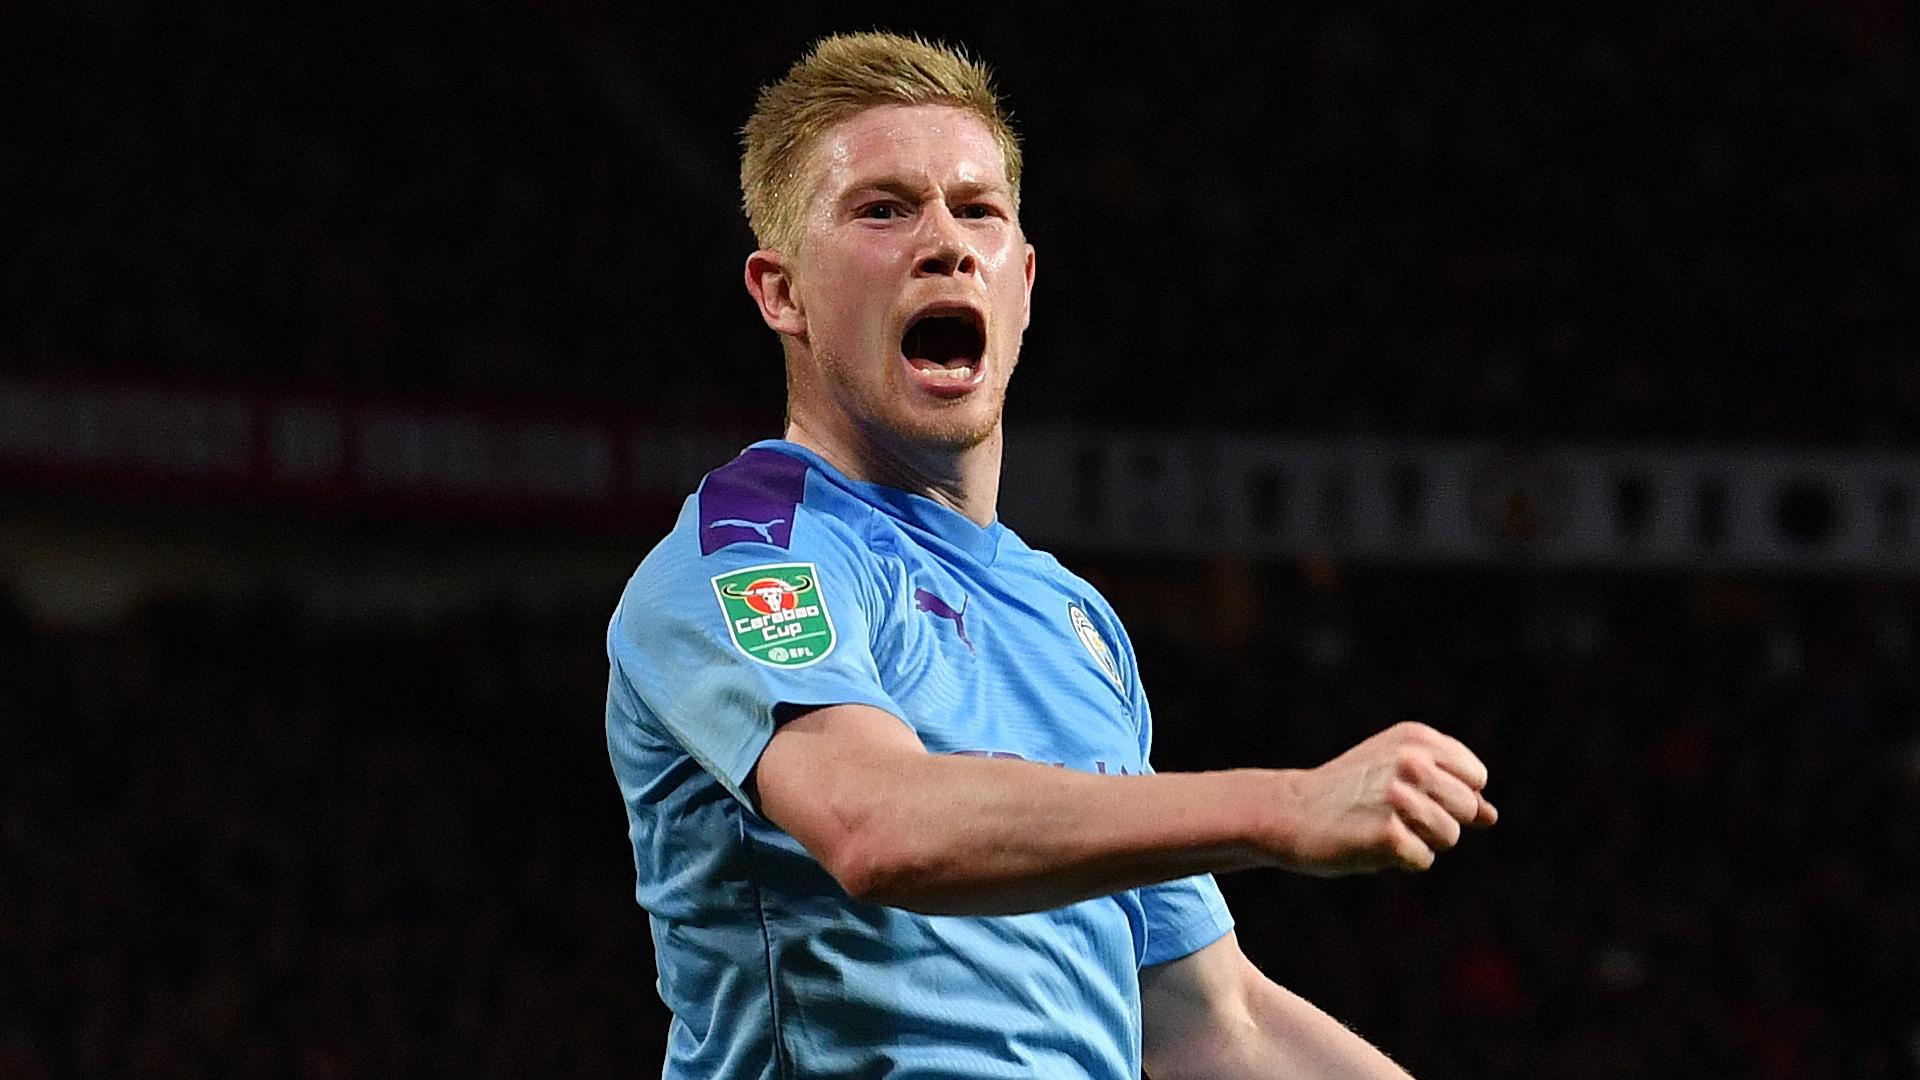 Video: Premier League Player Profile - Kevin De Bruyne